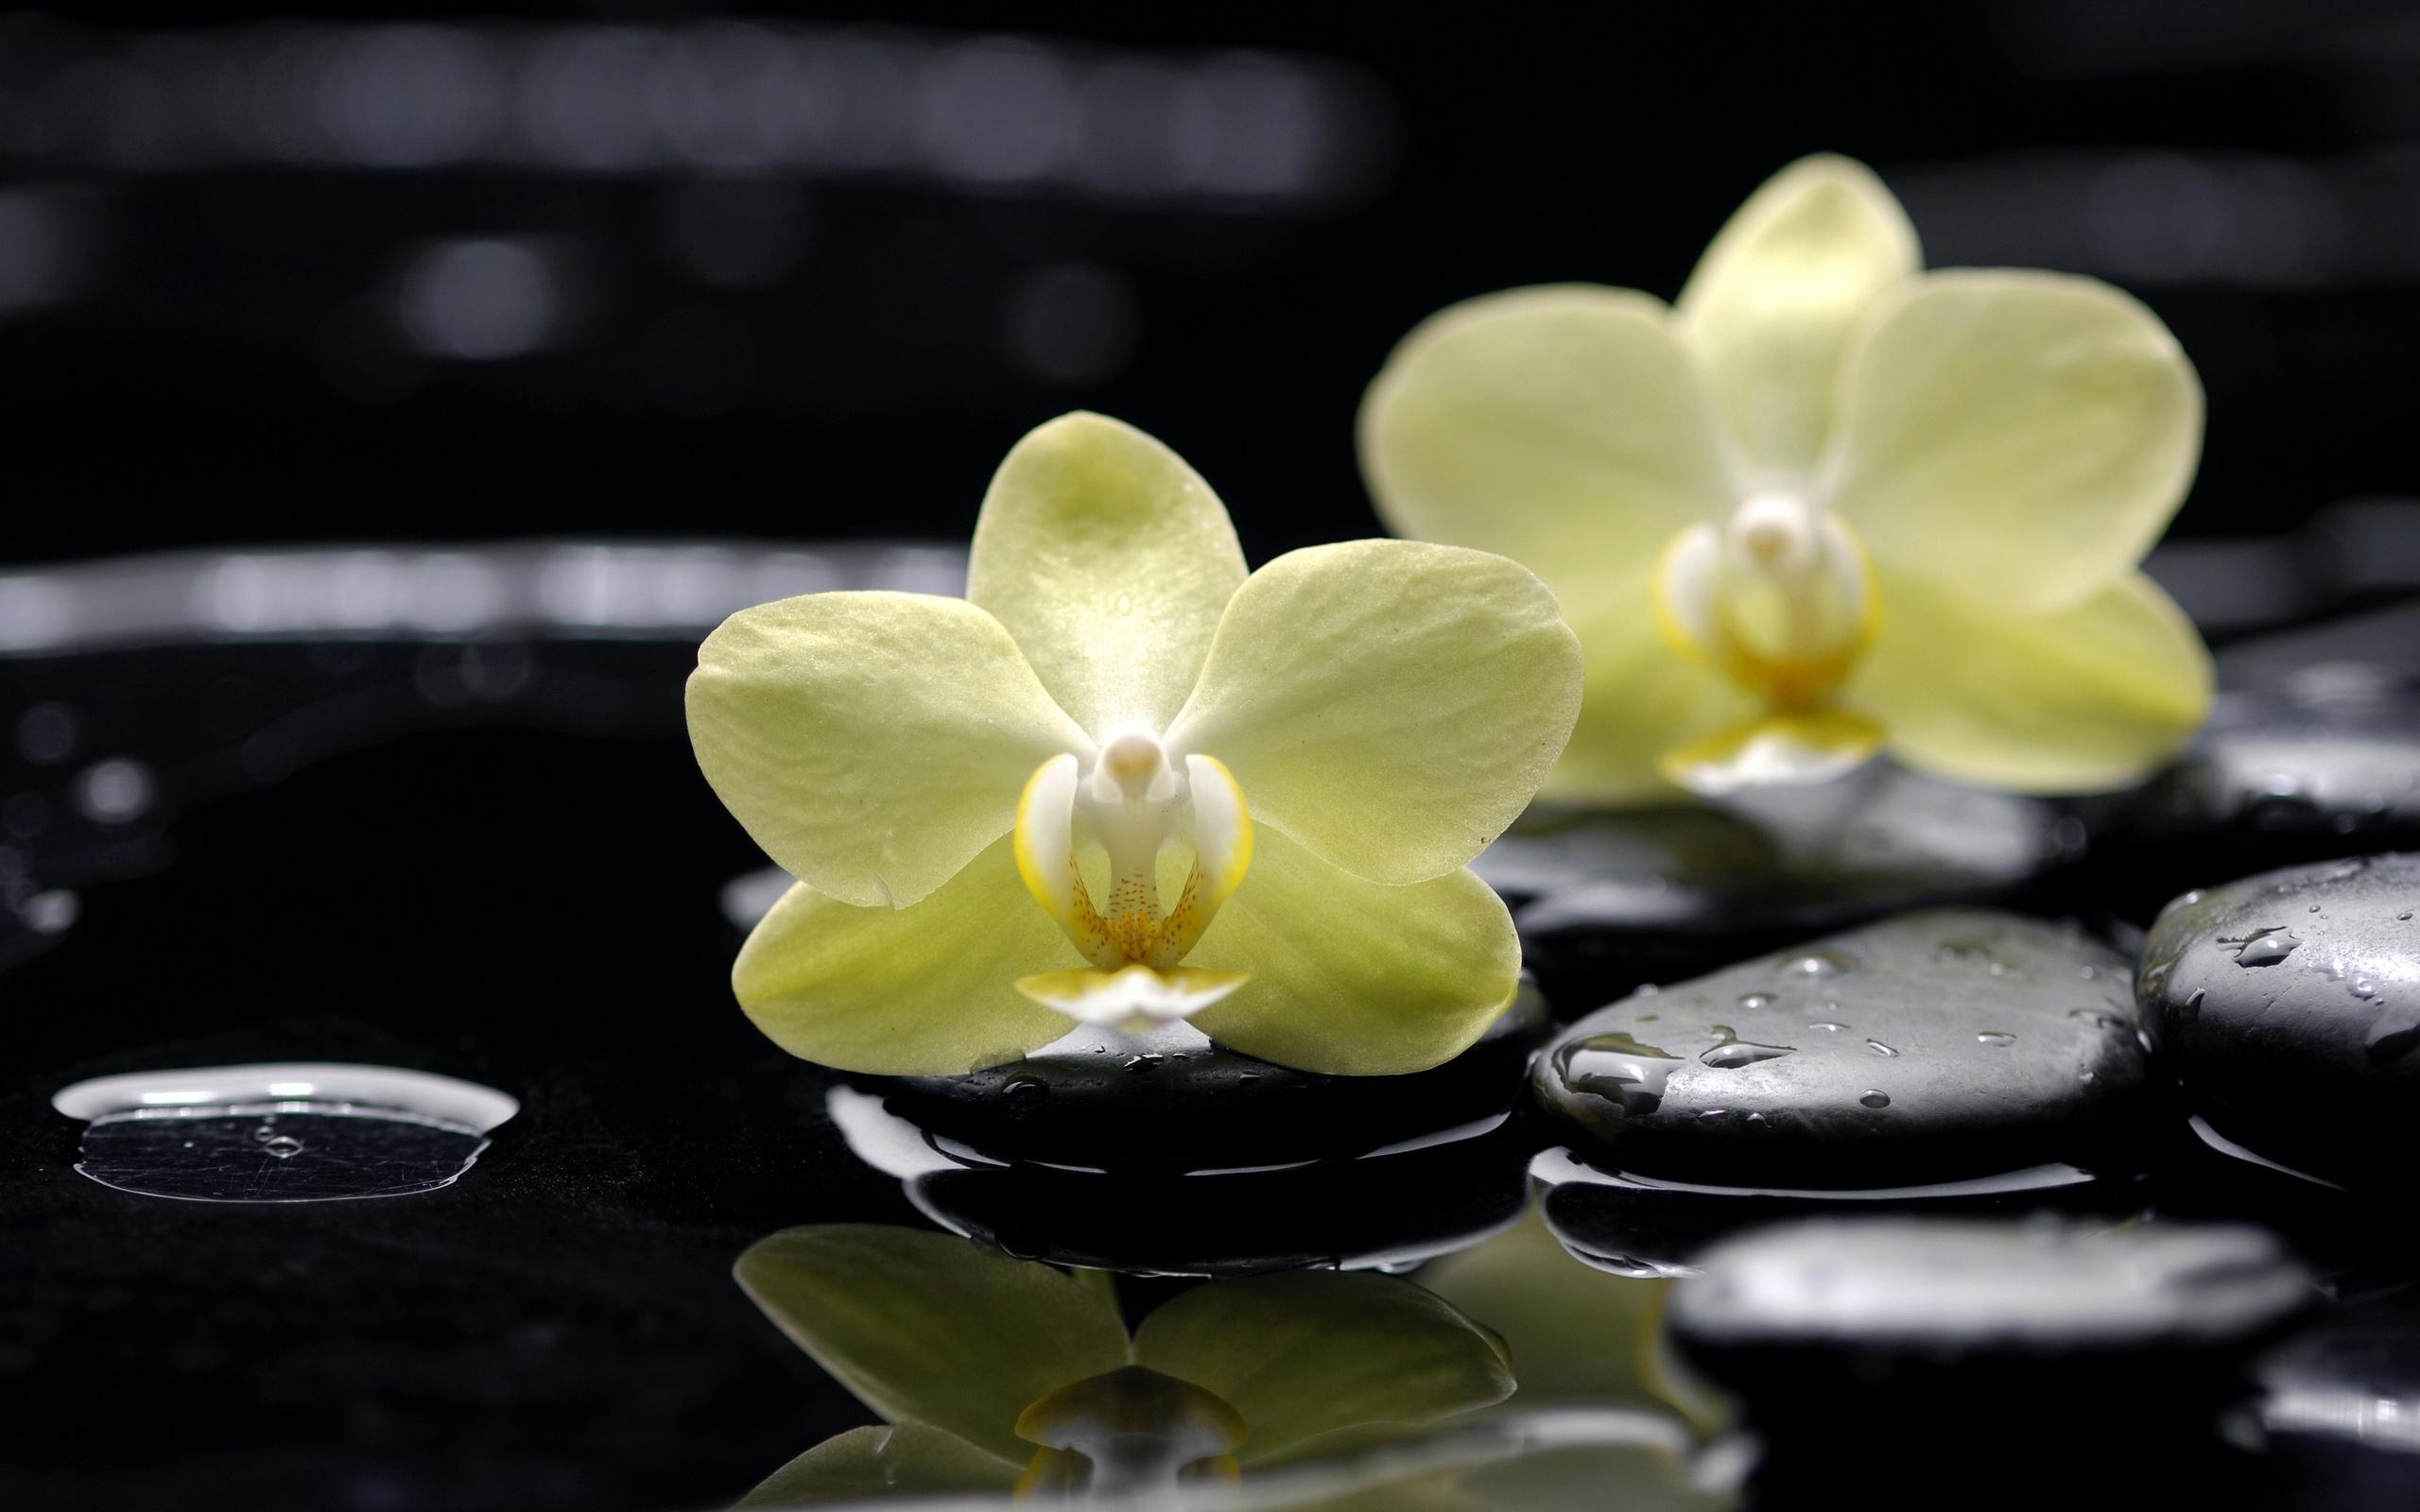 картинки для широкоформатной печати орхидея прямого рисунка